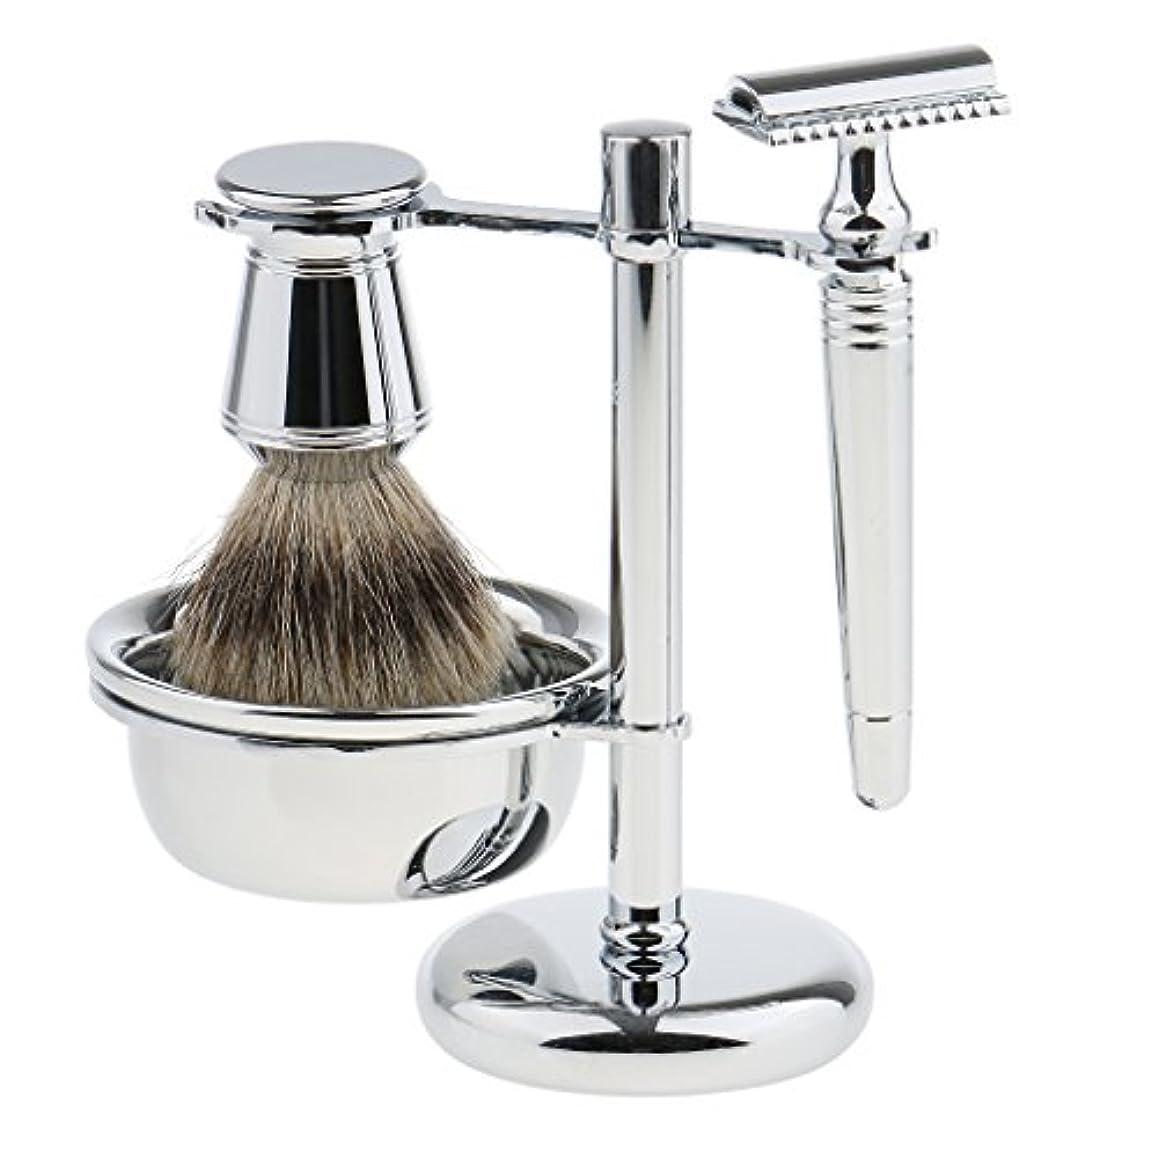 アプライアンスロッド紀元前CUTICATE シェービング スタンド ブラシ カミソリ ボウル 髭剃り ひげそり メンズ プレゼント